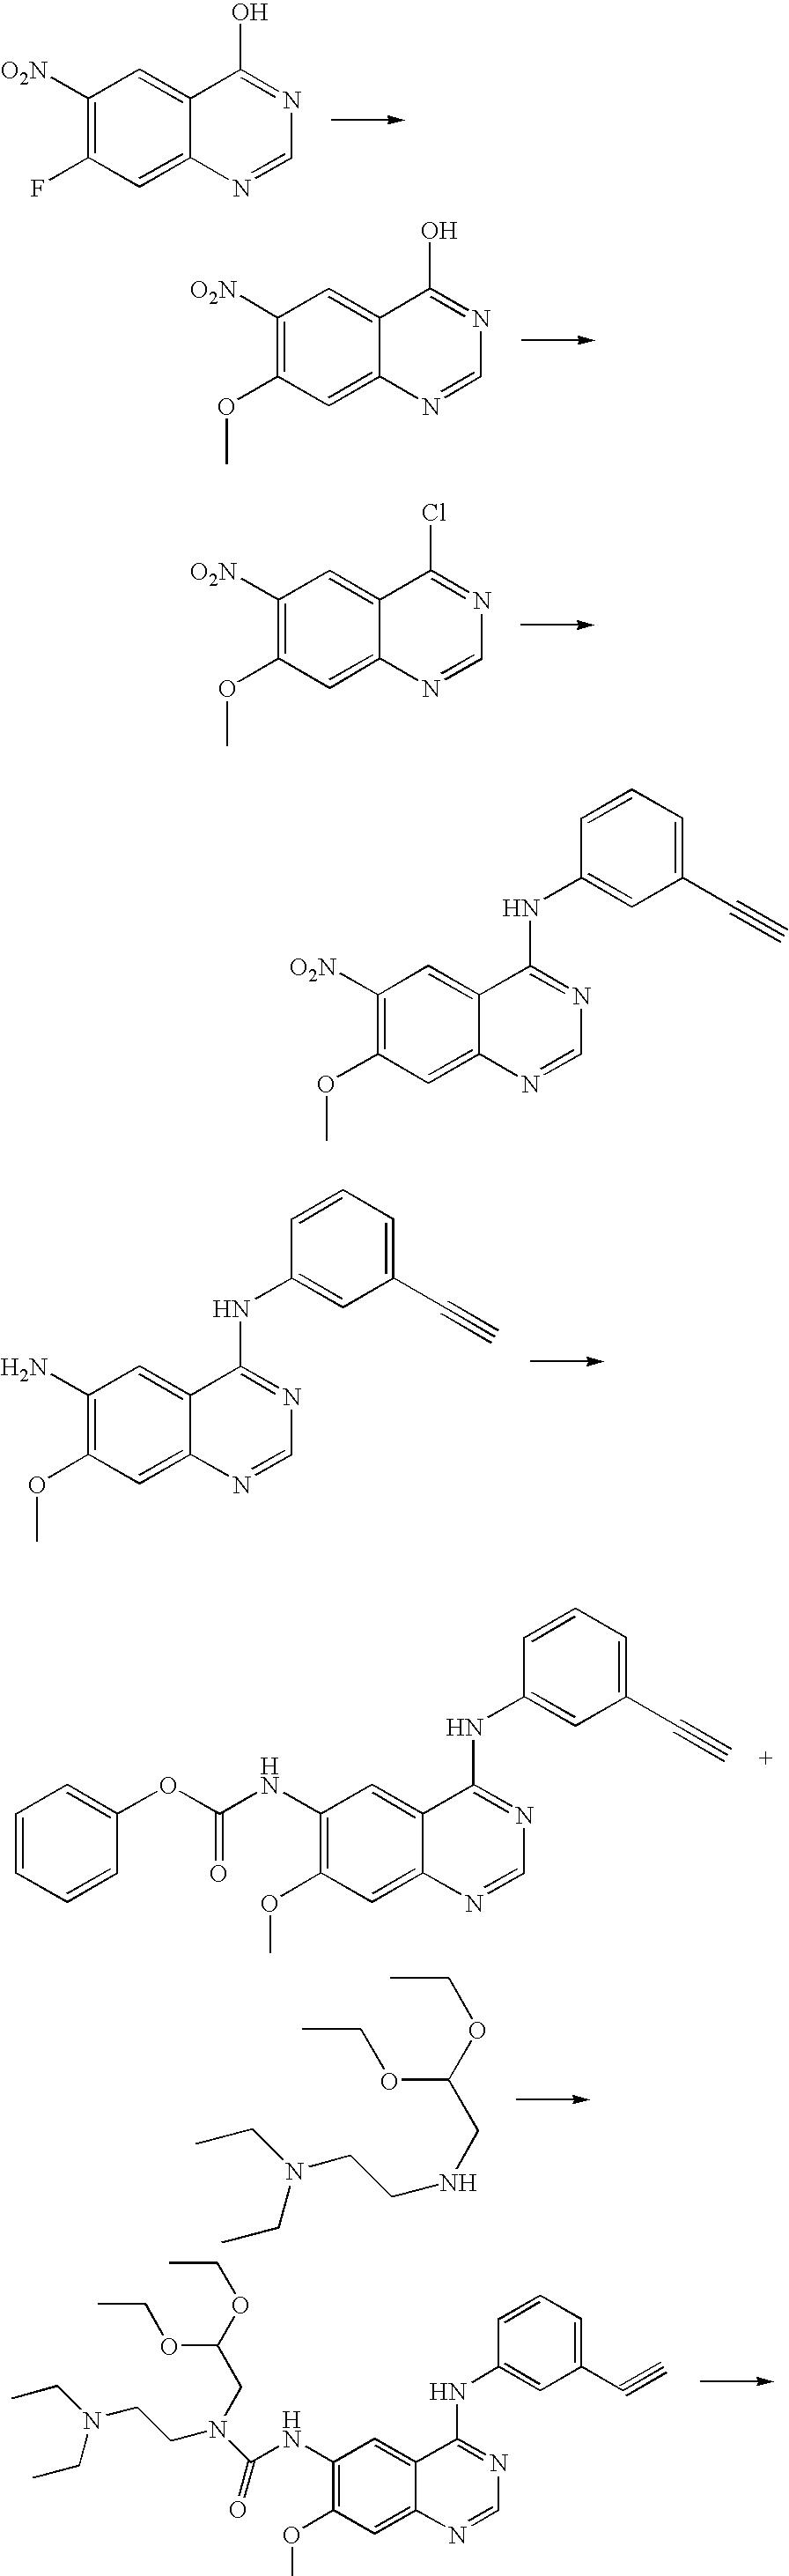 Figure US08426430-20130423-C00048